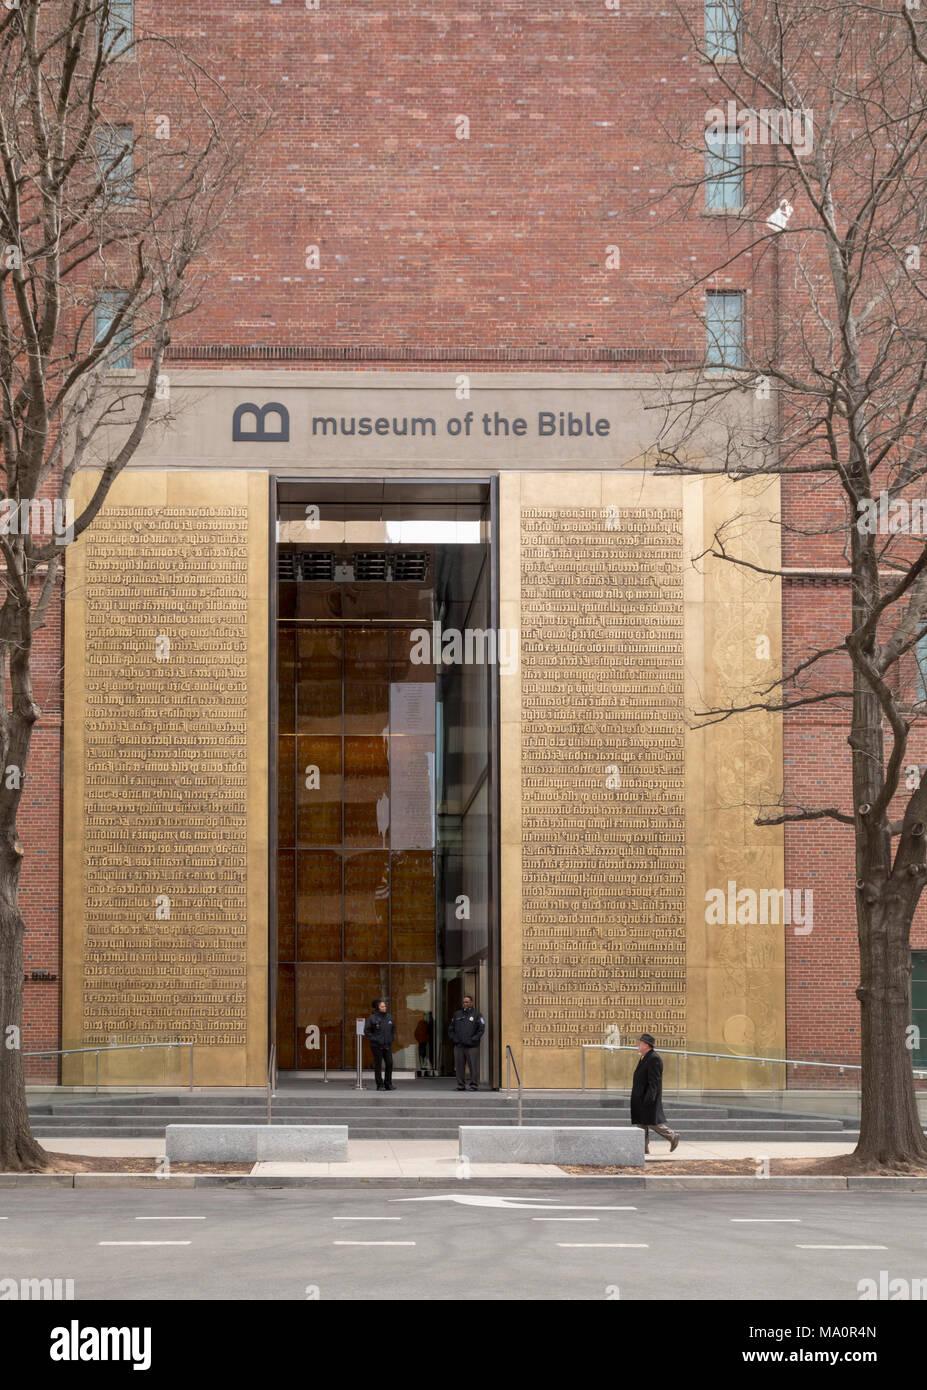 Washington, DC - l'entrée du musée de la Bible. Le 40 pieds de hautes portes en bronze portent l'histoire de la création de Genèse, d'une édition ancienne o Photo Stock